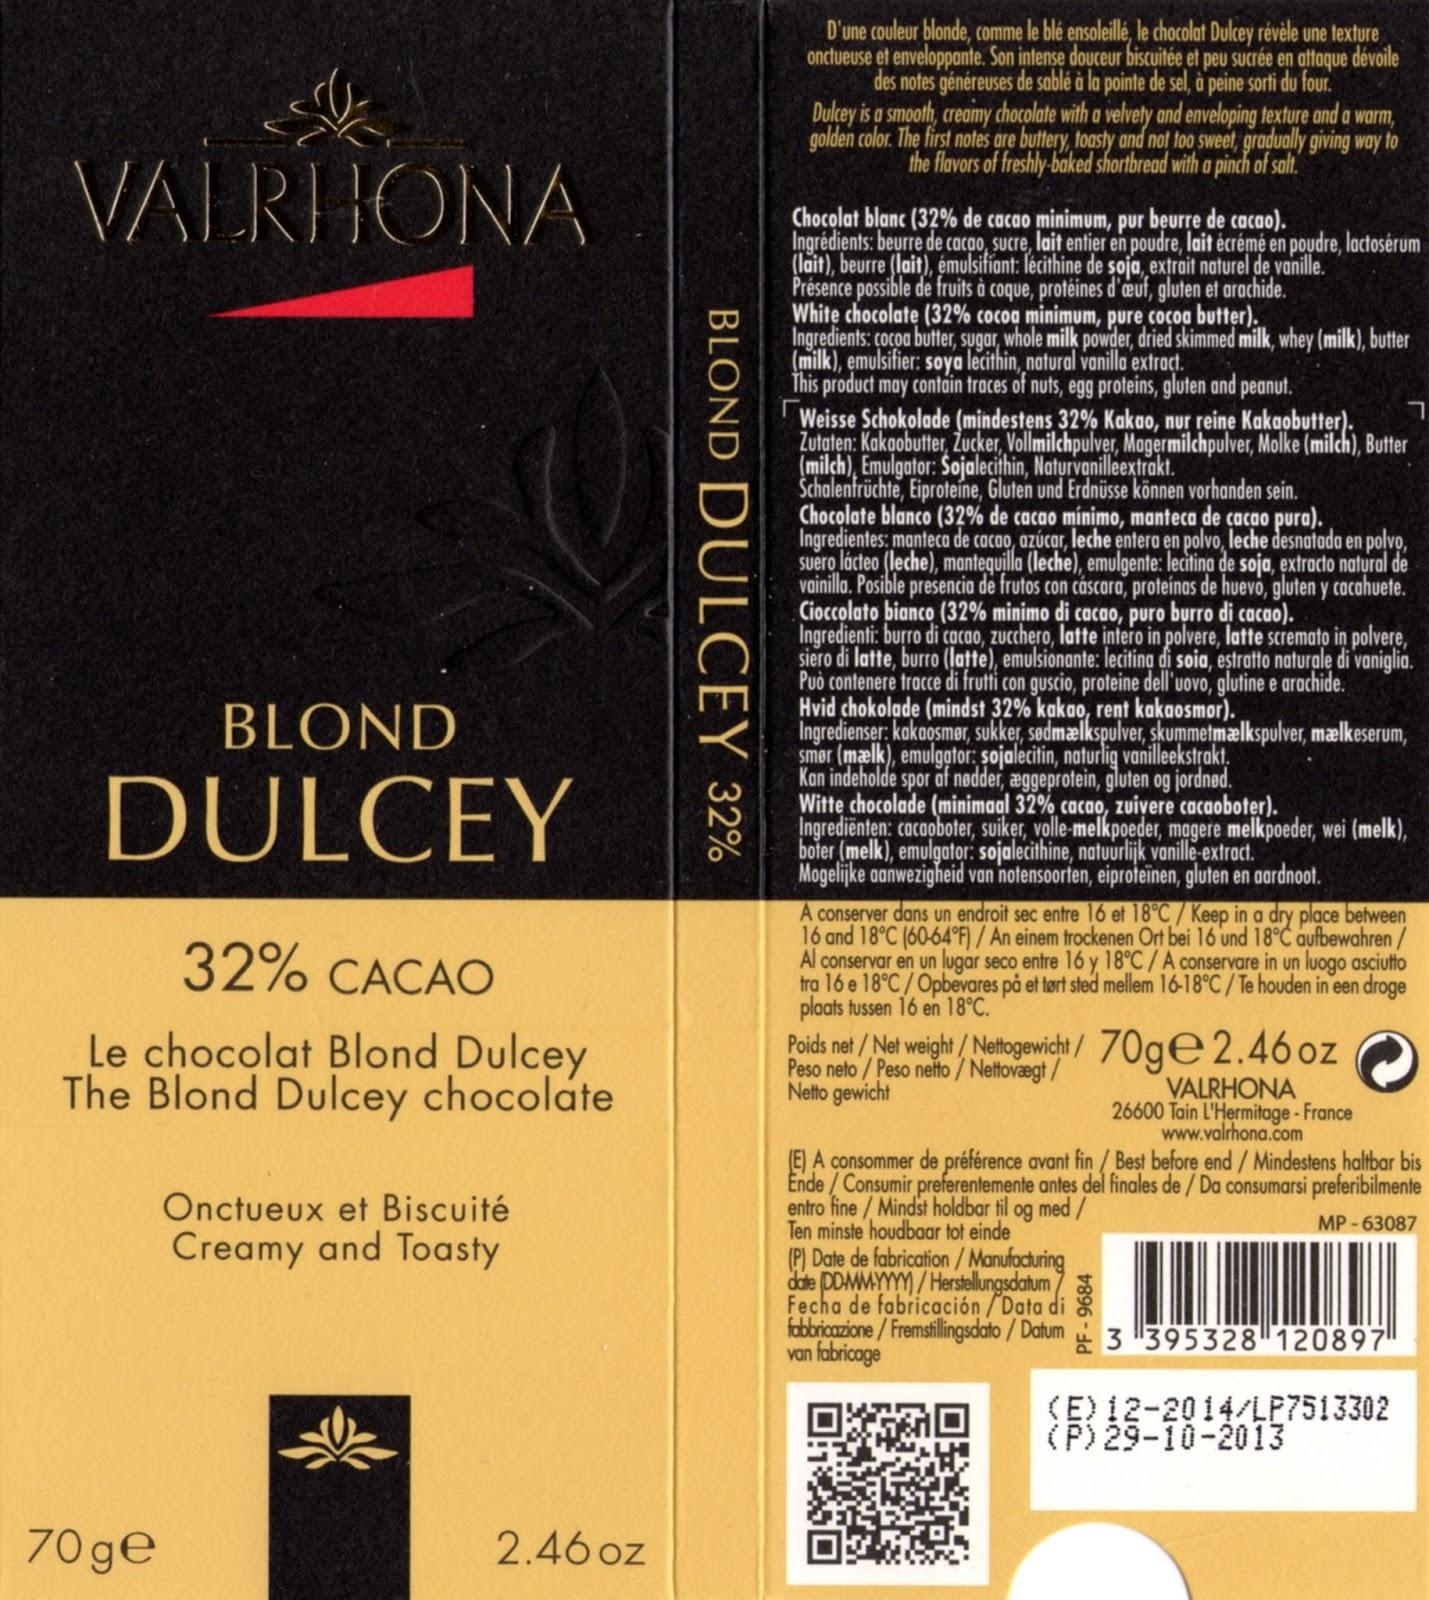 tablette de chocolat lait dégustation valrhona lait blond dulcey 32